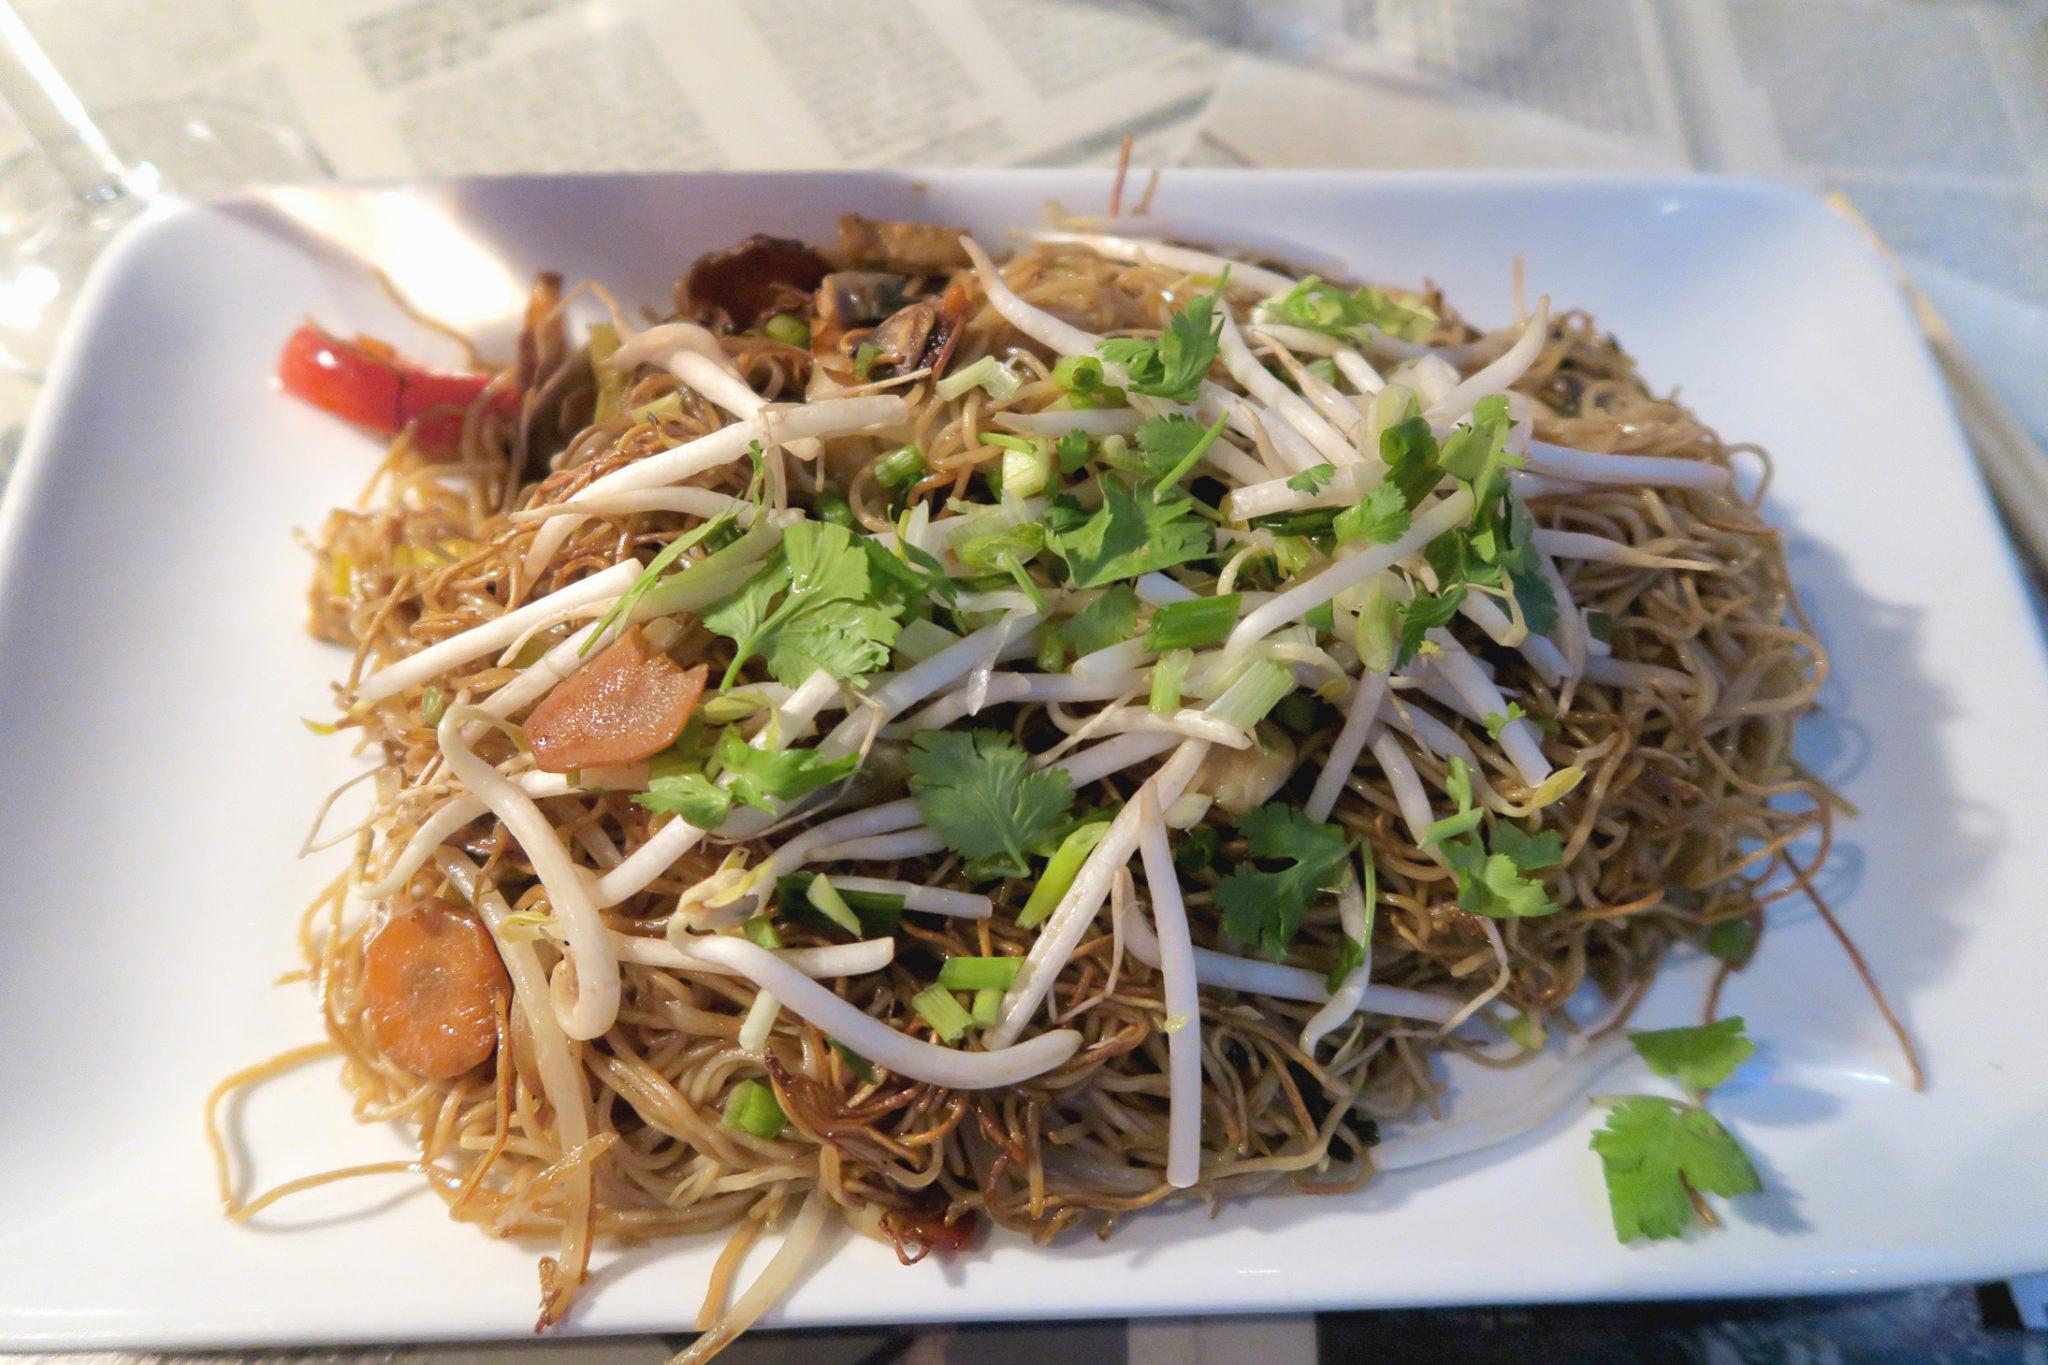 Hema_Aname_bistrot_vietnamien_nouilles sautées_paris_restaurant_cuisine_monde